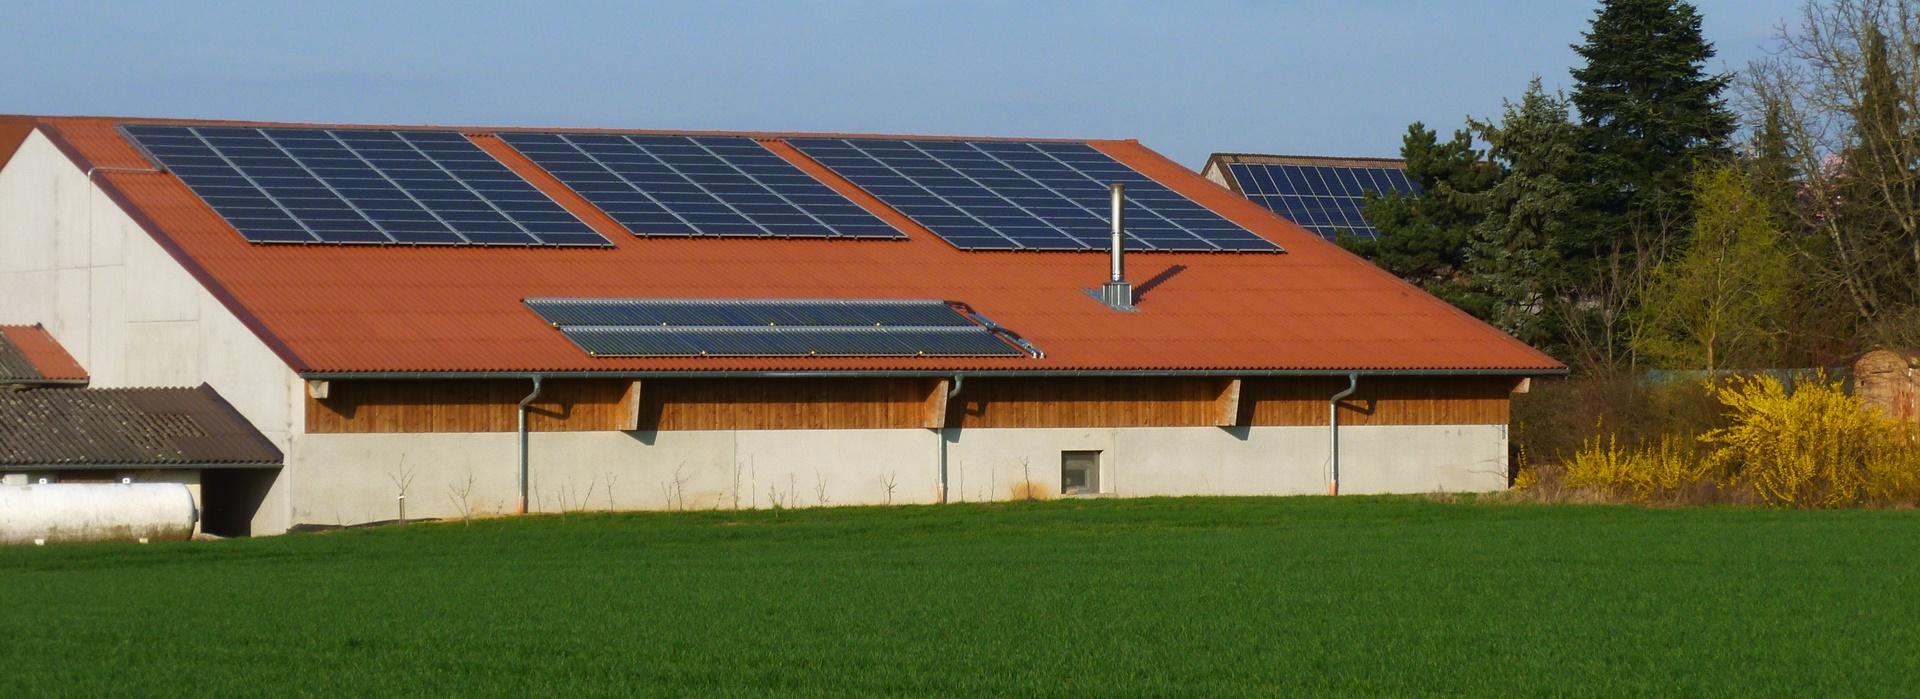 Halle fuer Hackschnitzel mit Heizraum und Fotovoltaik. Rems-Murr-Schwein Erneuerbare Energien Andreas und Rainer Mueller